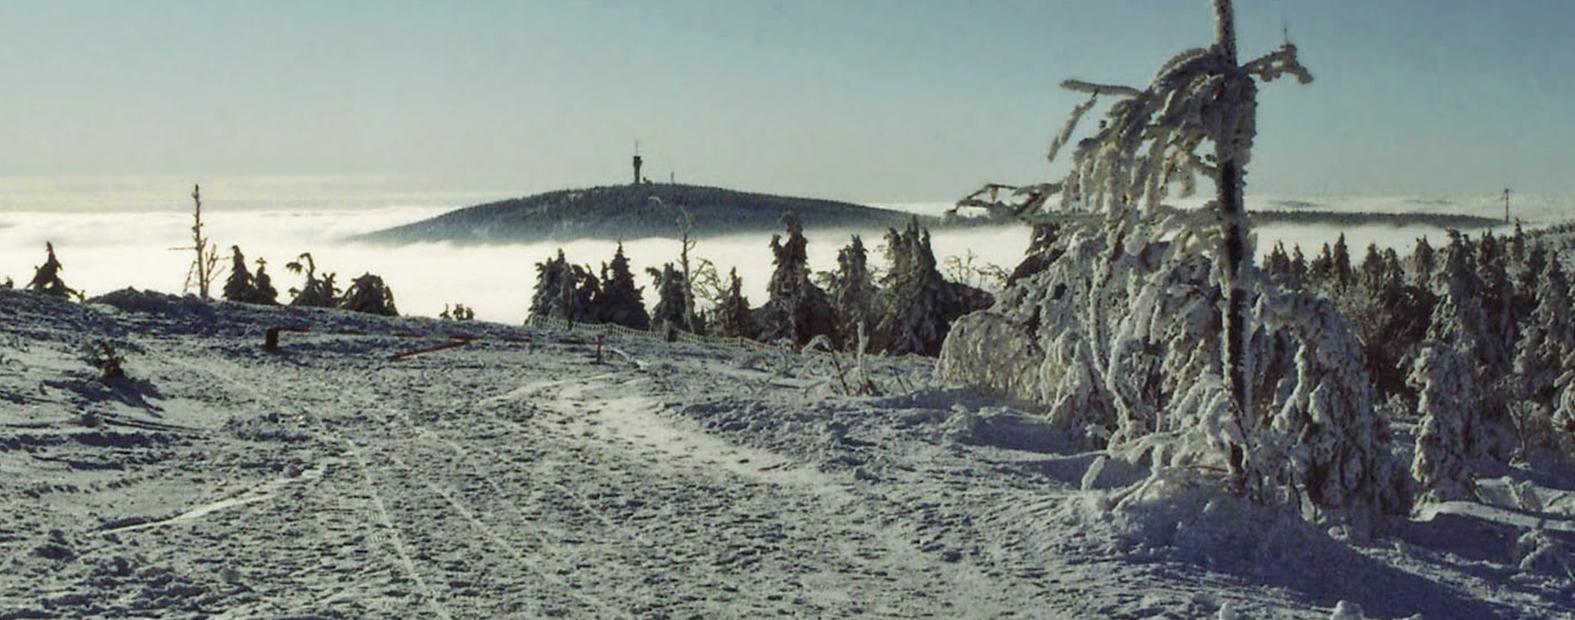 waldquell_winter-3_schmal